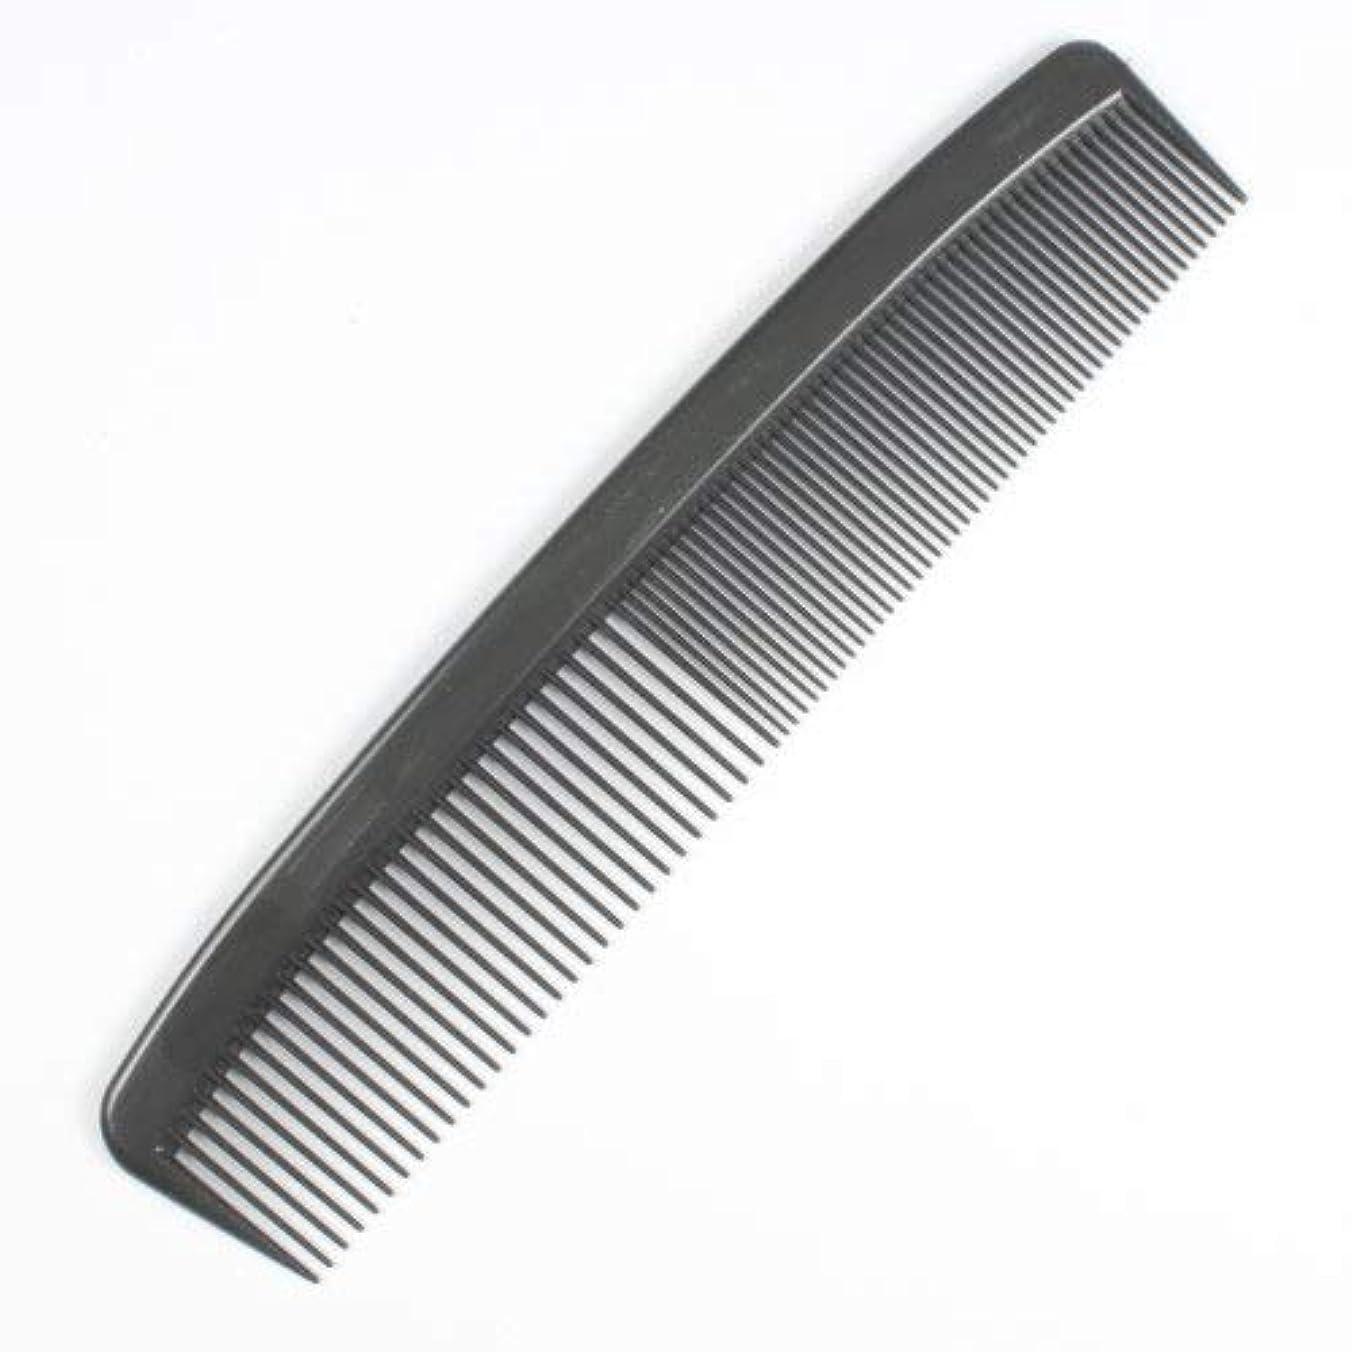 八組み合わせドラフトDynarex Adult Combs, 5 Inches, Black, 240 Count [並行輸入品]